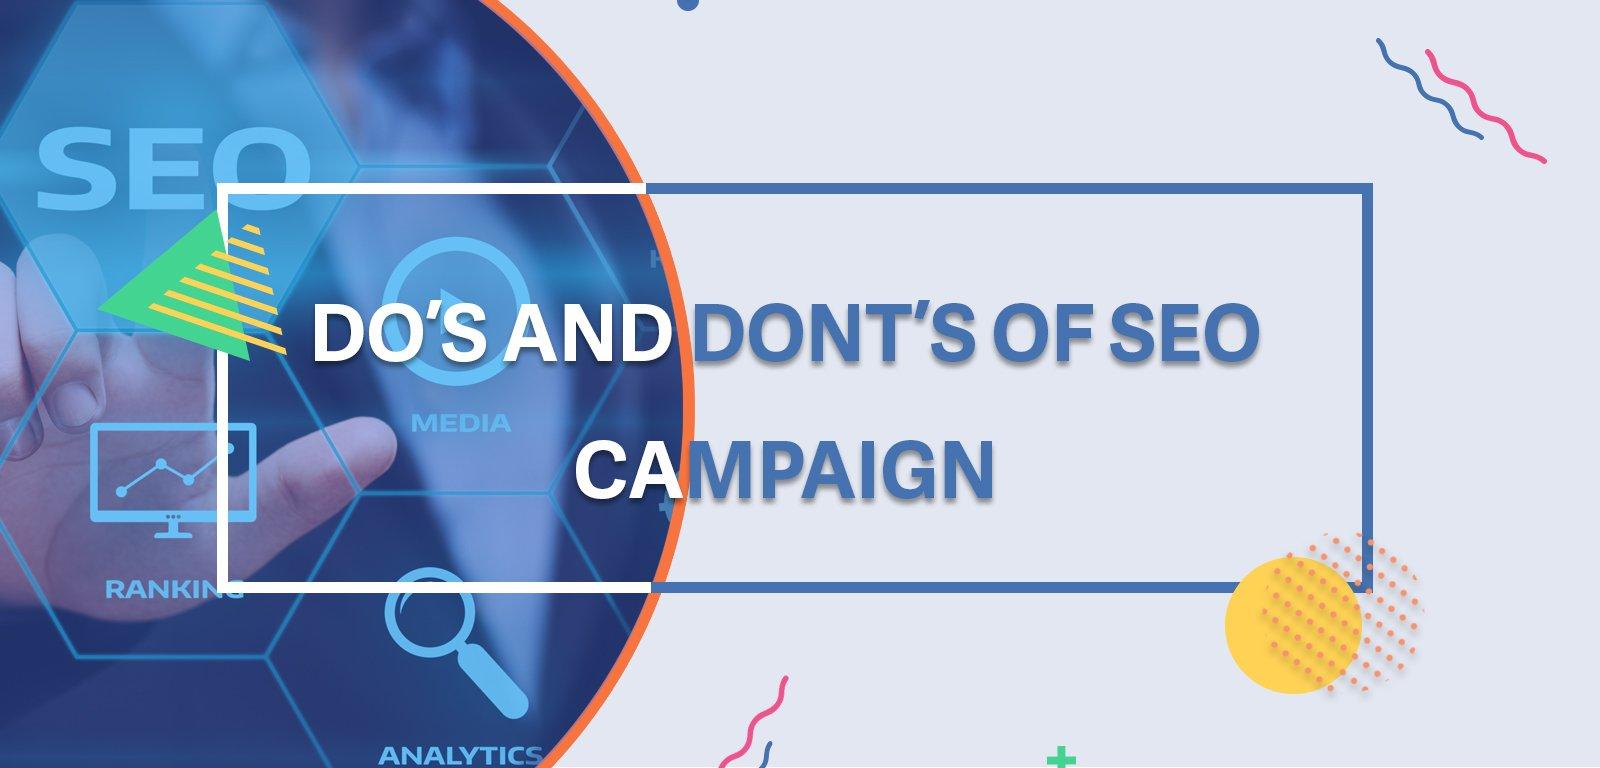 Web Banner- SEO campagin